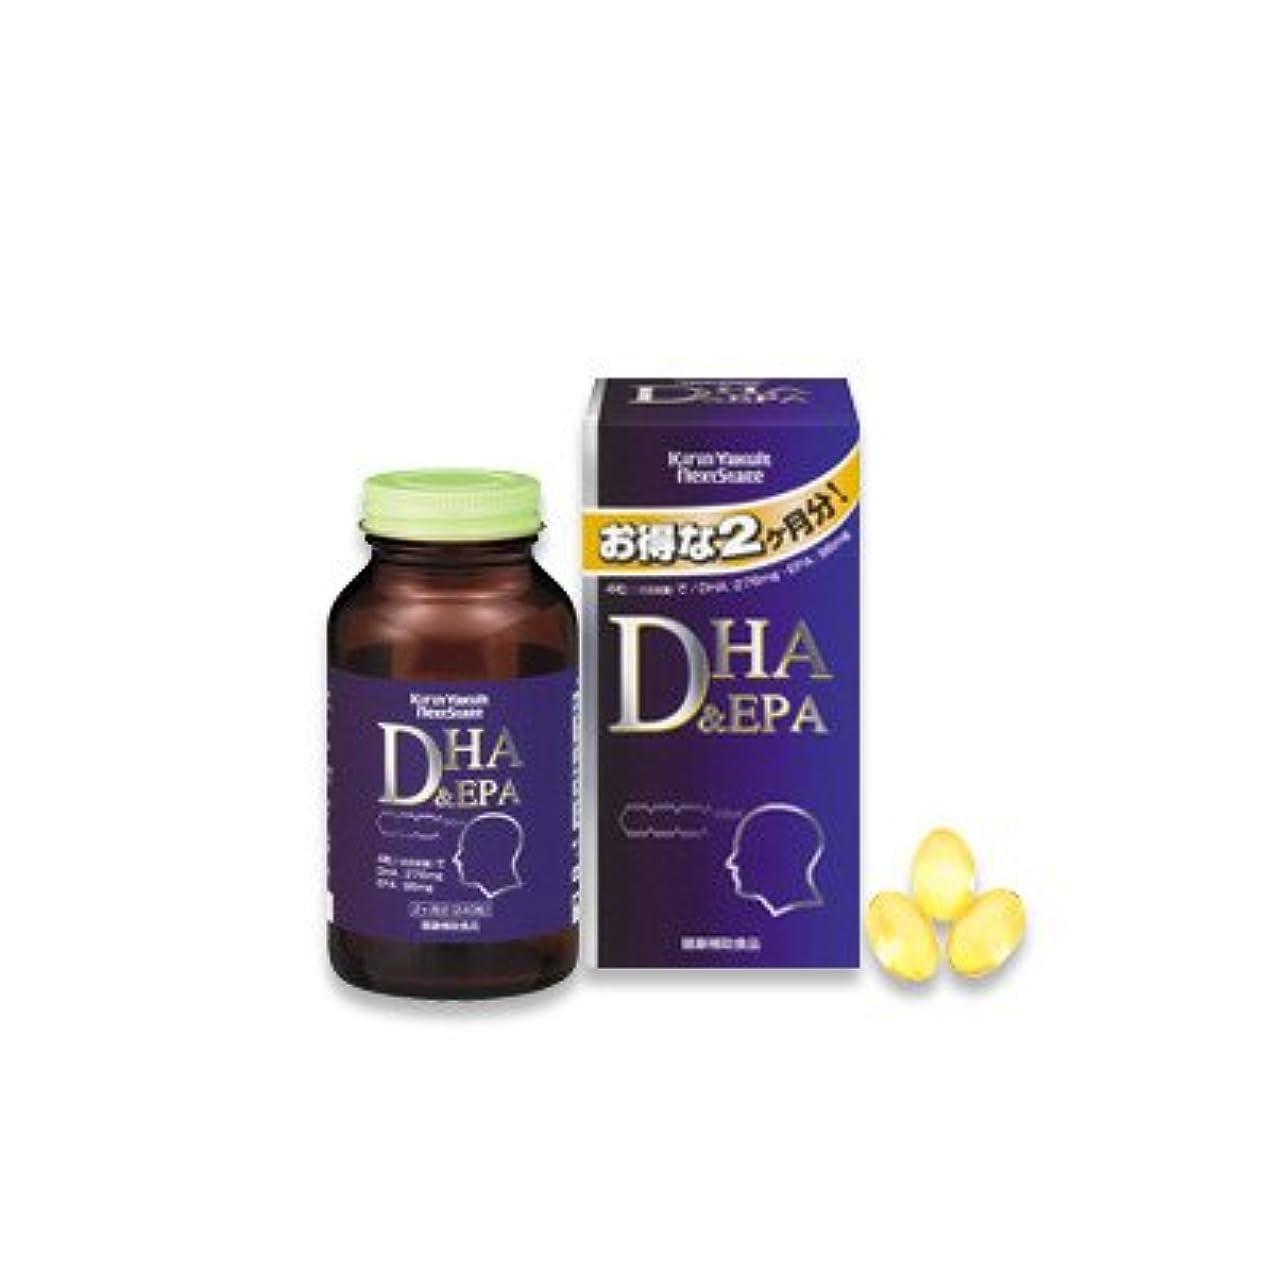 赤字影響を受けやすいです悪性腫瘍ヤクルトヘルスフーズ DHA&EPA(240粒) 4箱